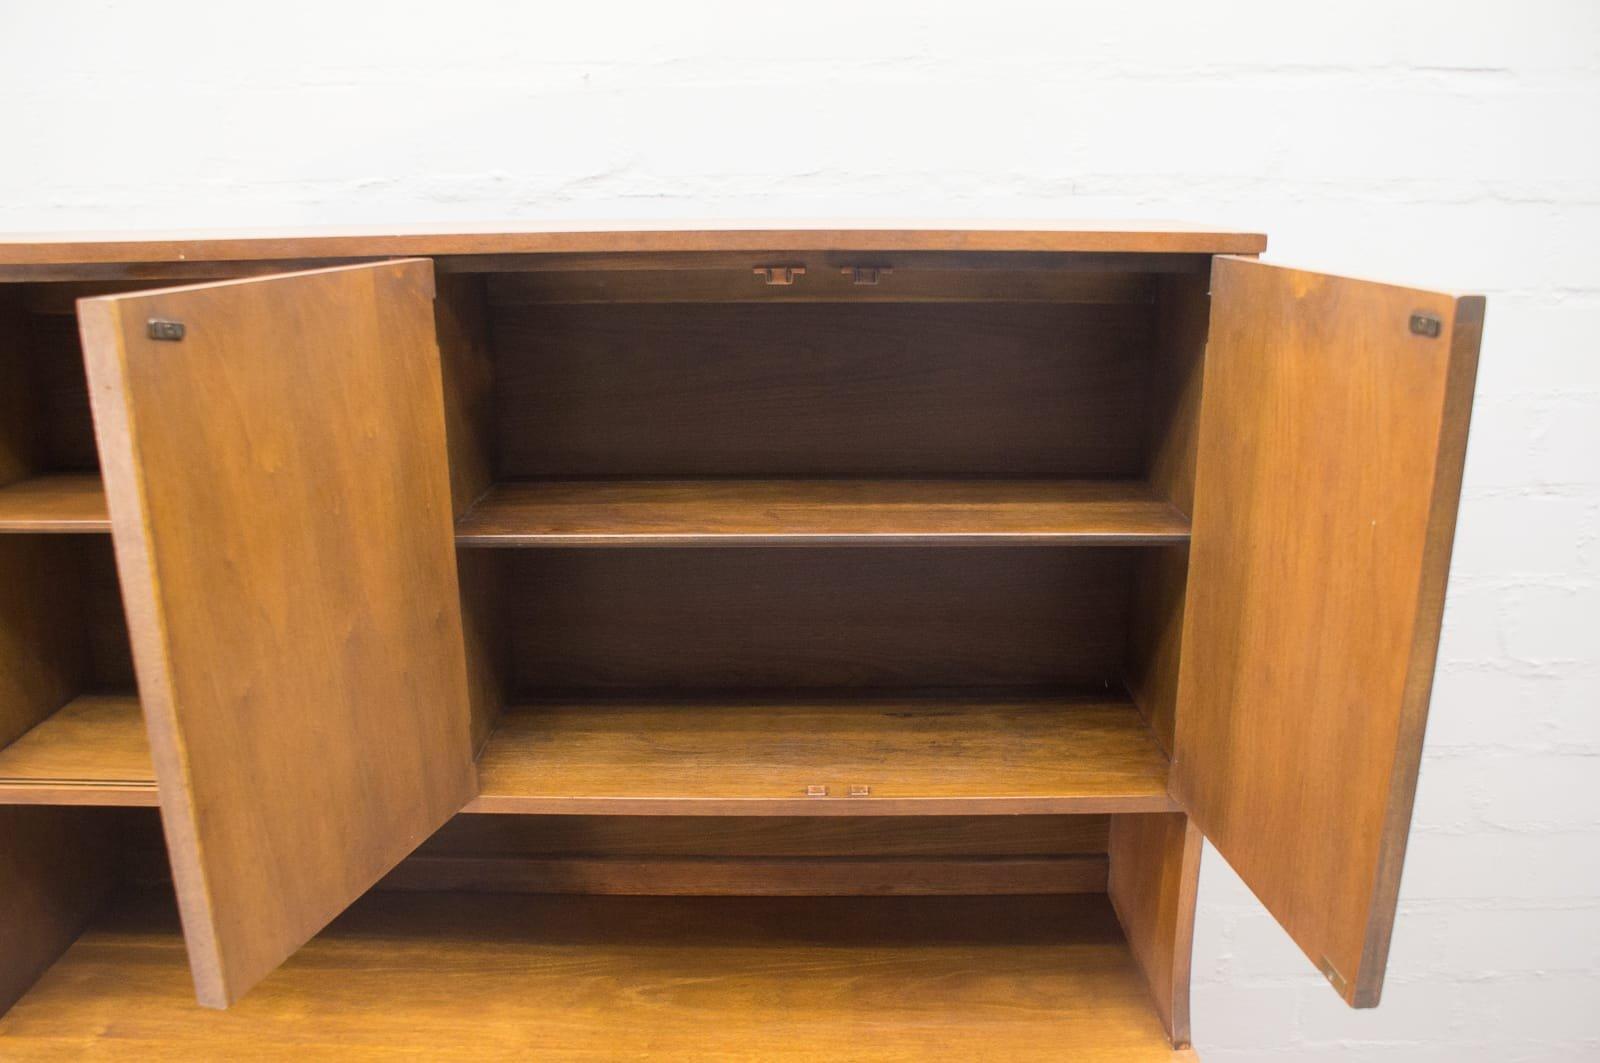 sideboard mit vitrine von broyhill brasilia 1960er bei pamono kaufen. Black Bedroom Furniture Sets. Home Design Ideas